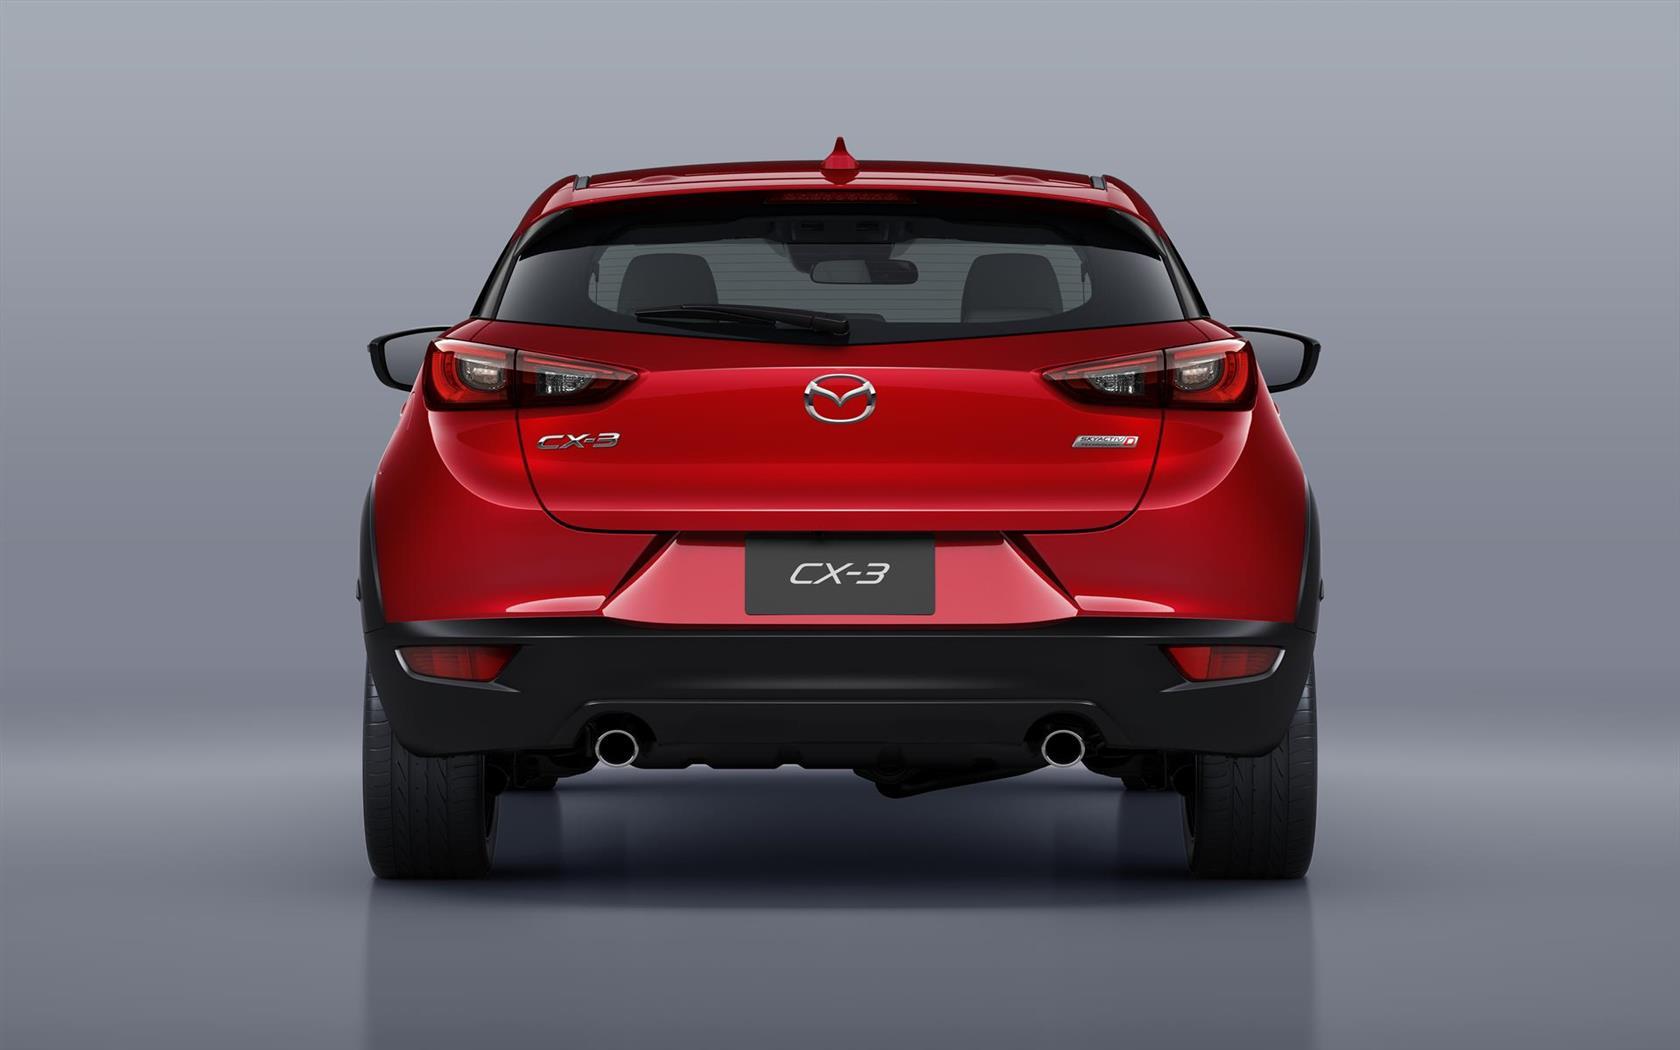 Mazda Cx 3 >> 2017 Mazda CX-3 Image. Photo 26 of 61